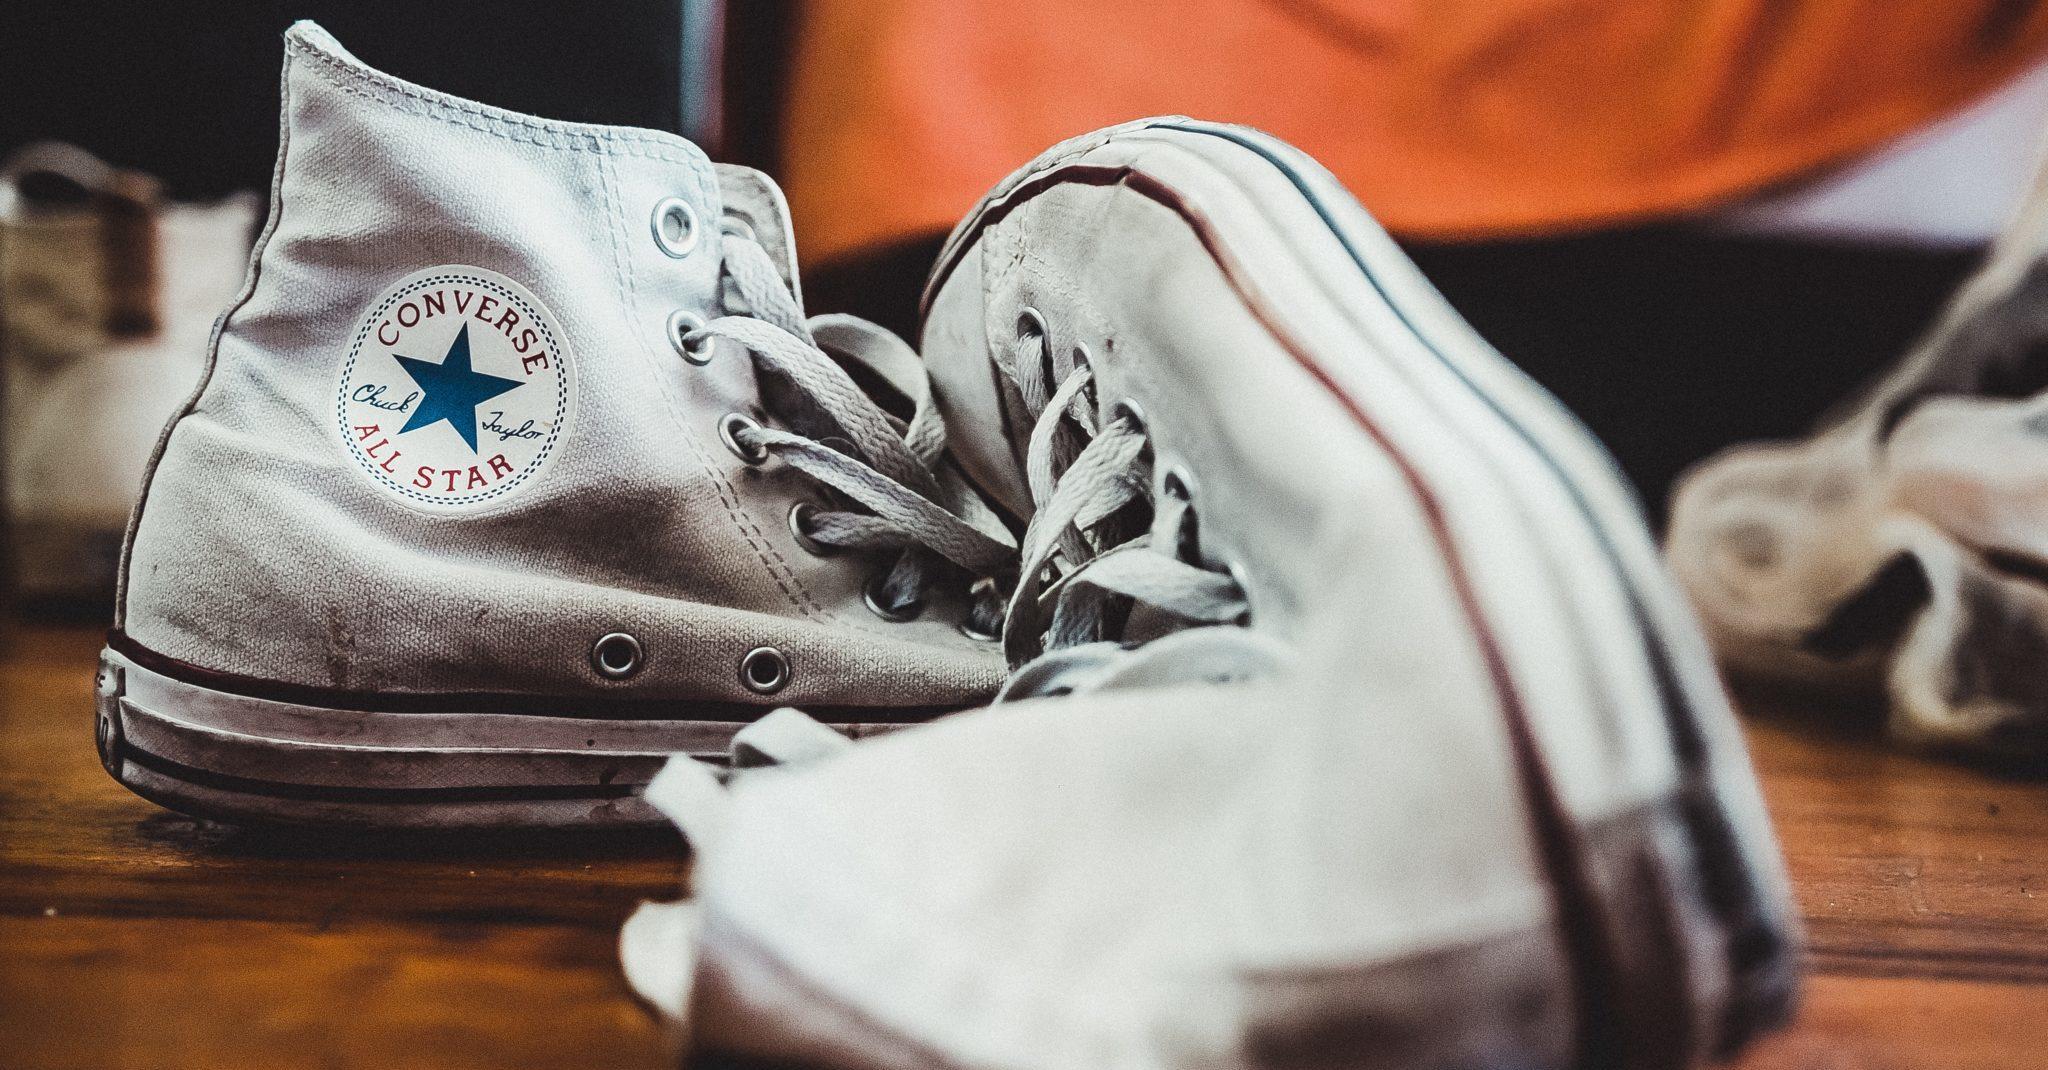 Cómo limpiar las zapatillas blancas de tela para que queden